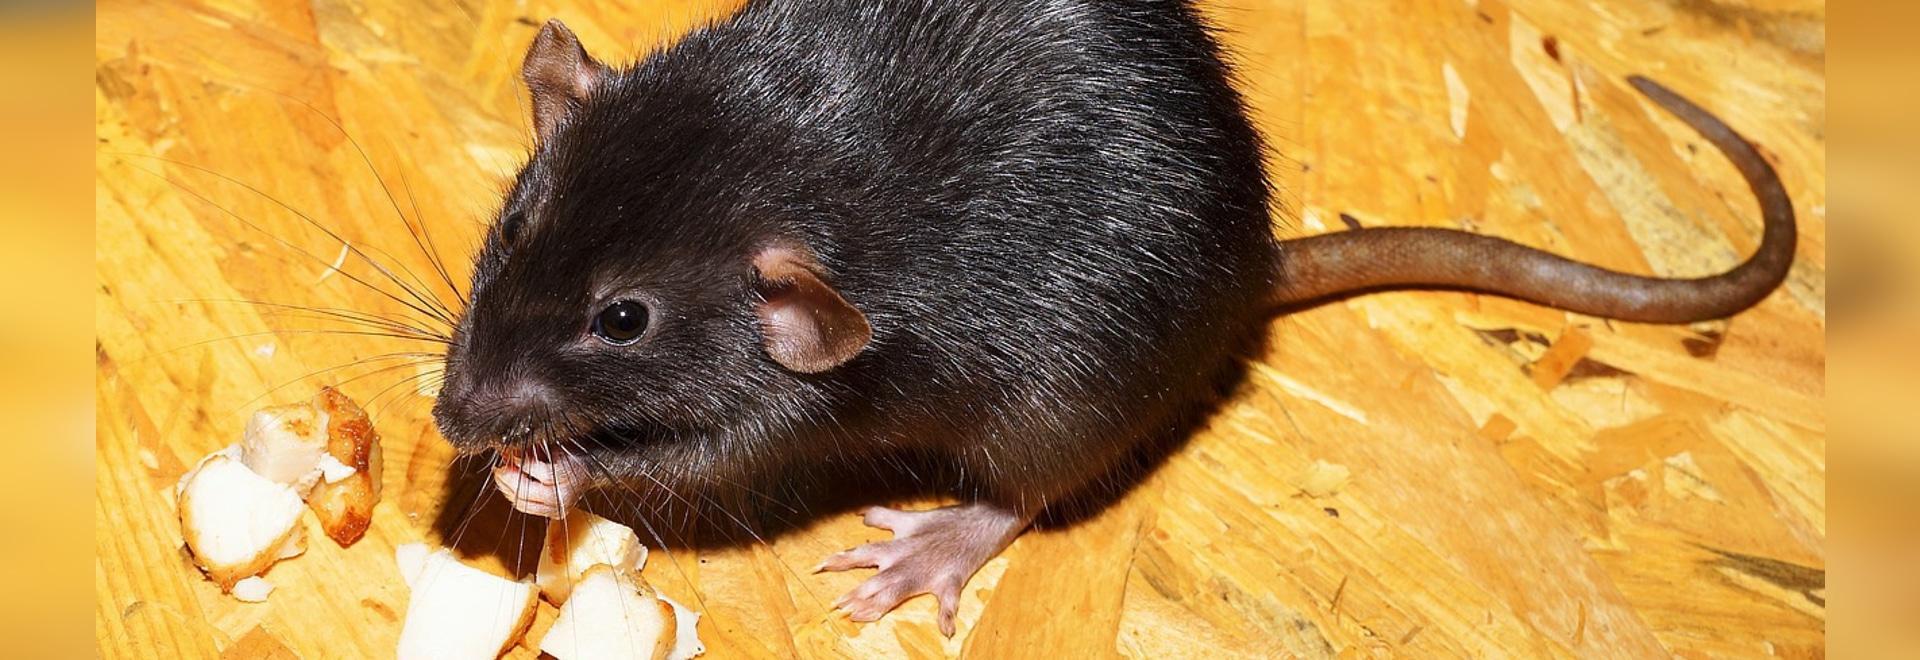 Paraplegiker-Ratten gehen und gewinnen Gefühl nach Stammzelle-Behandlung wieder